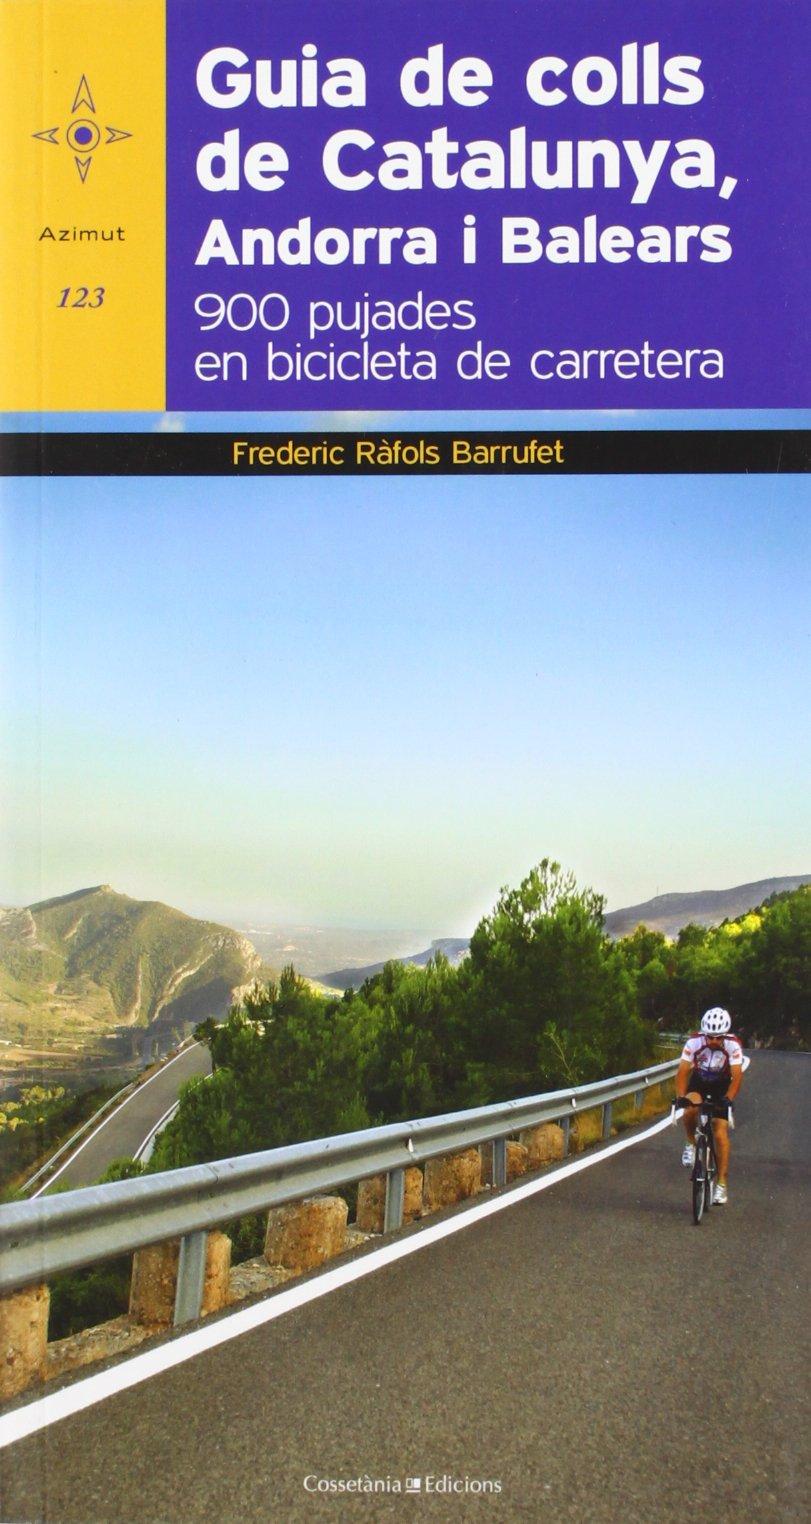 Guia de colls de Catalunya, Andorra i Balears: 900 pujades en bicicleta de carretera (Azimut) (Catalán) Tapa blanda – 1 oct 2011 Frederic Ràfols Barrufet Cossetània Edicions 8497918975 Ciclismo